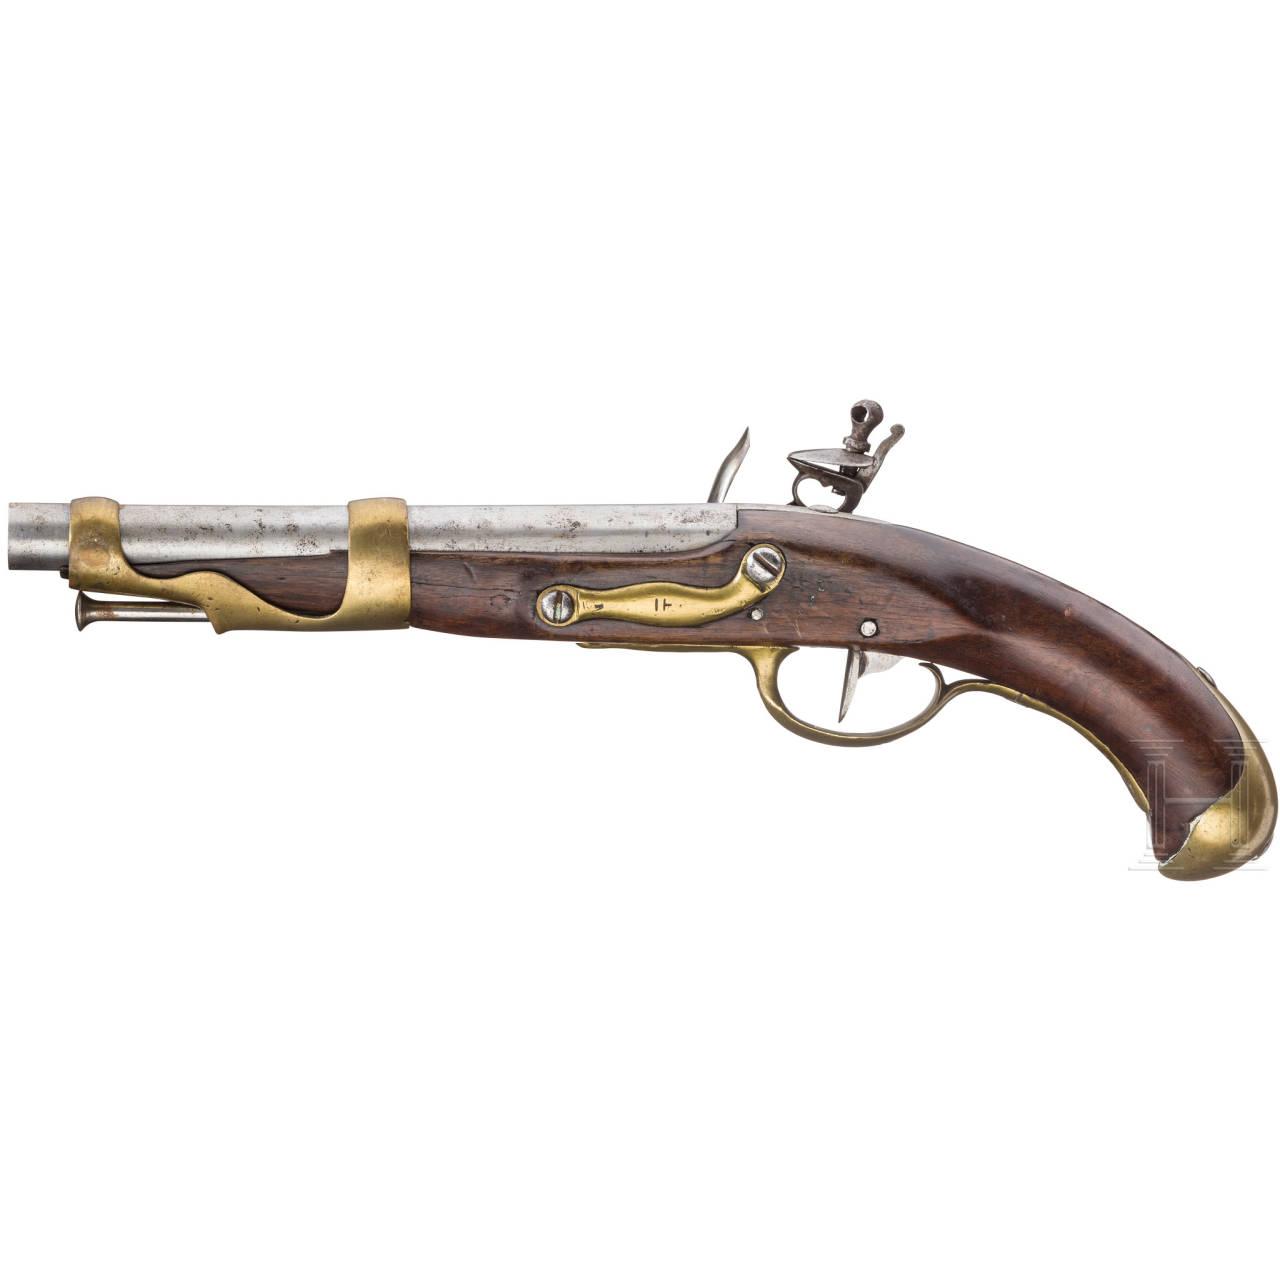 Kavalleriepistole M 1763/66, 2. Modell